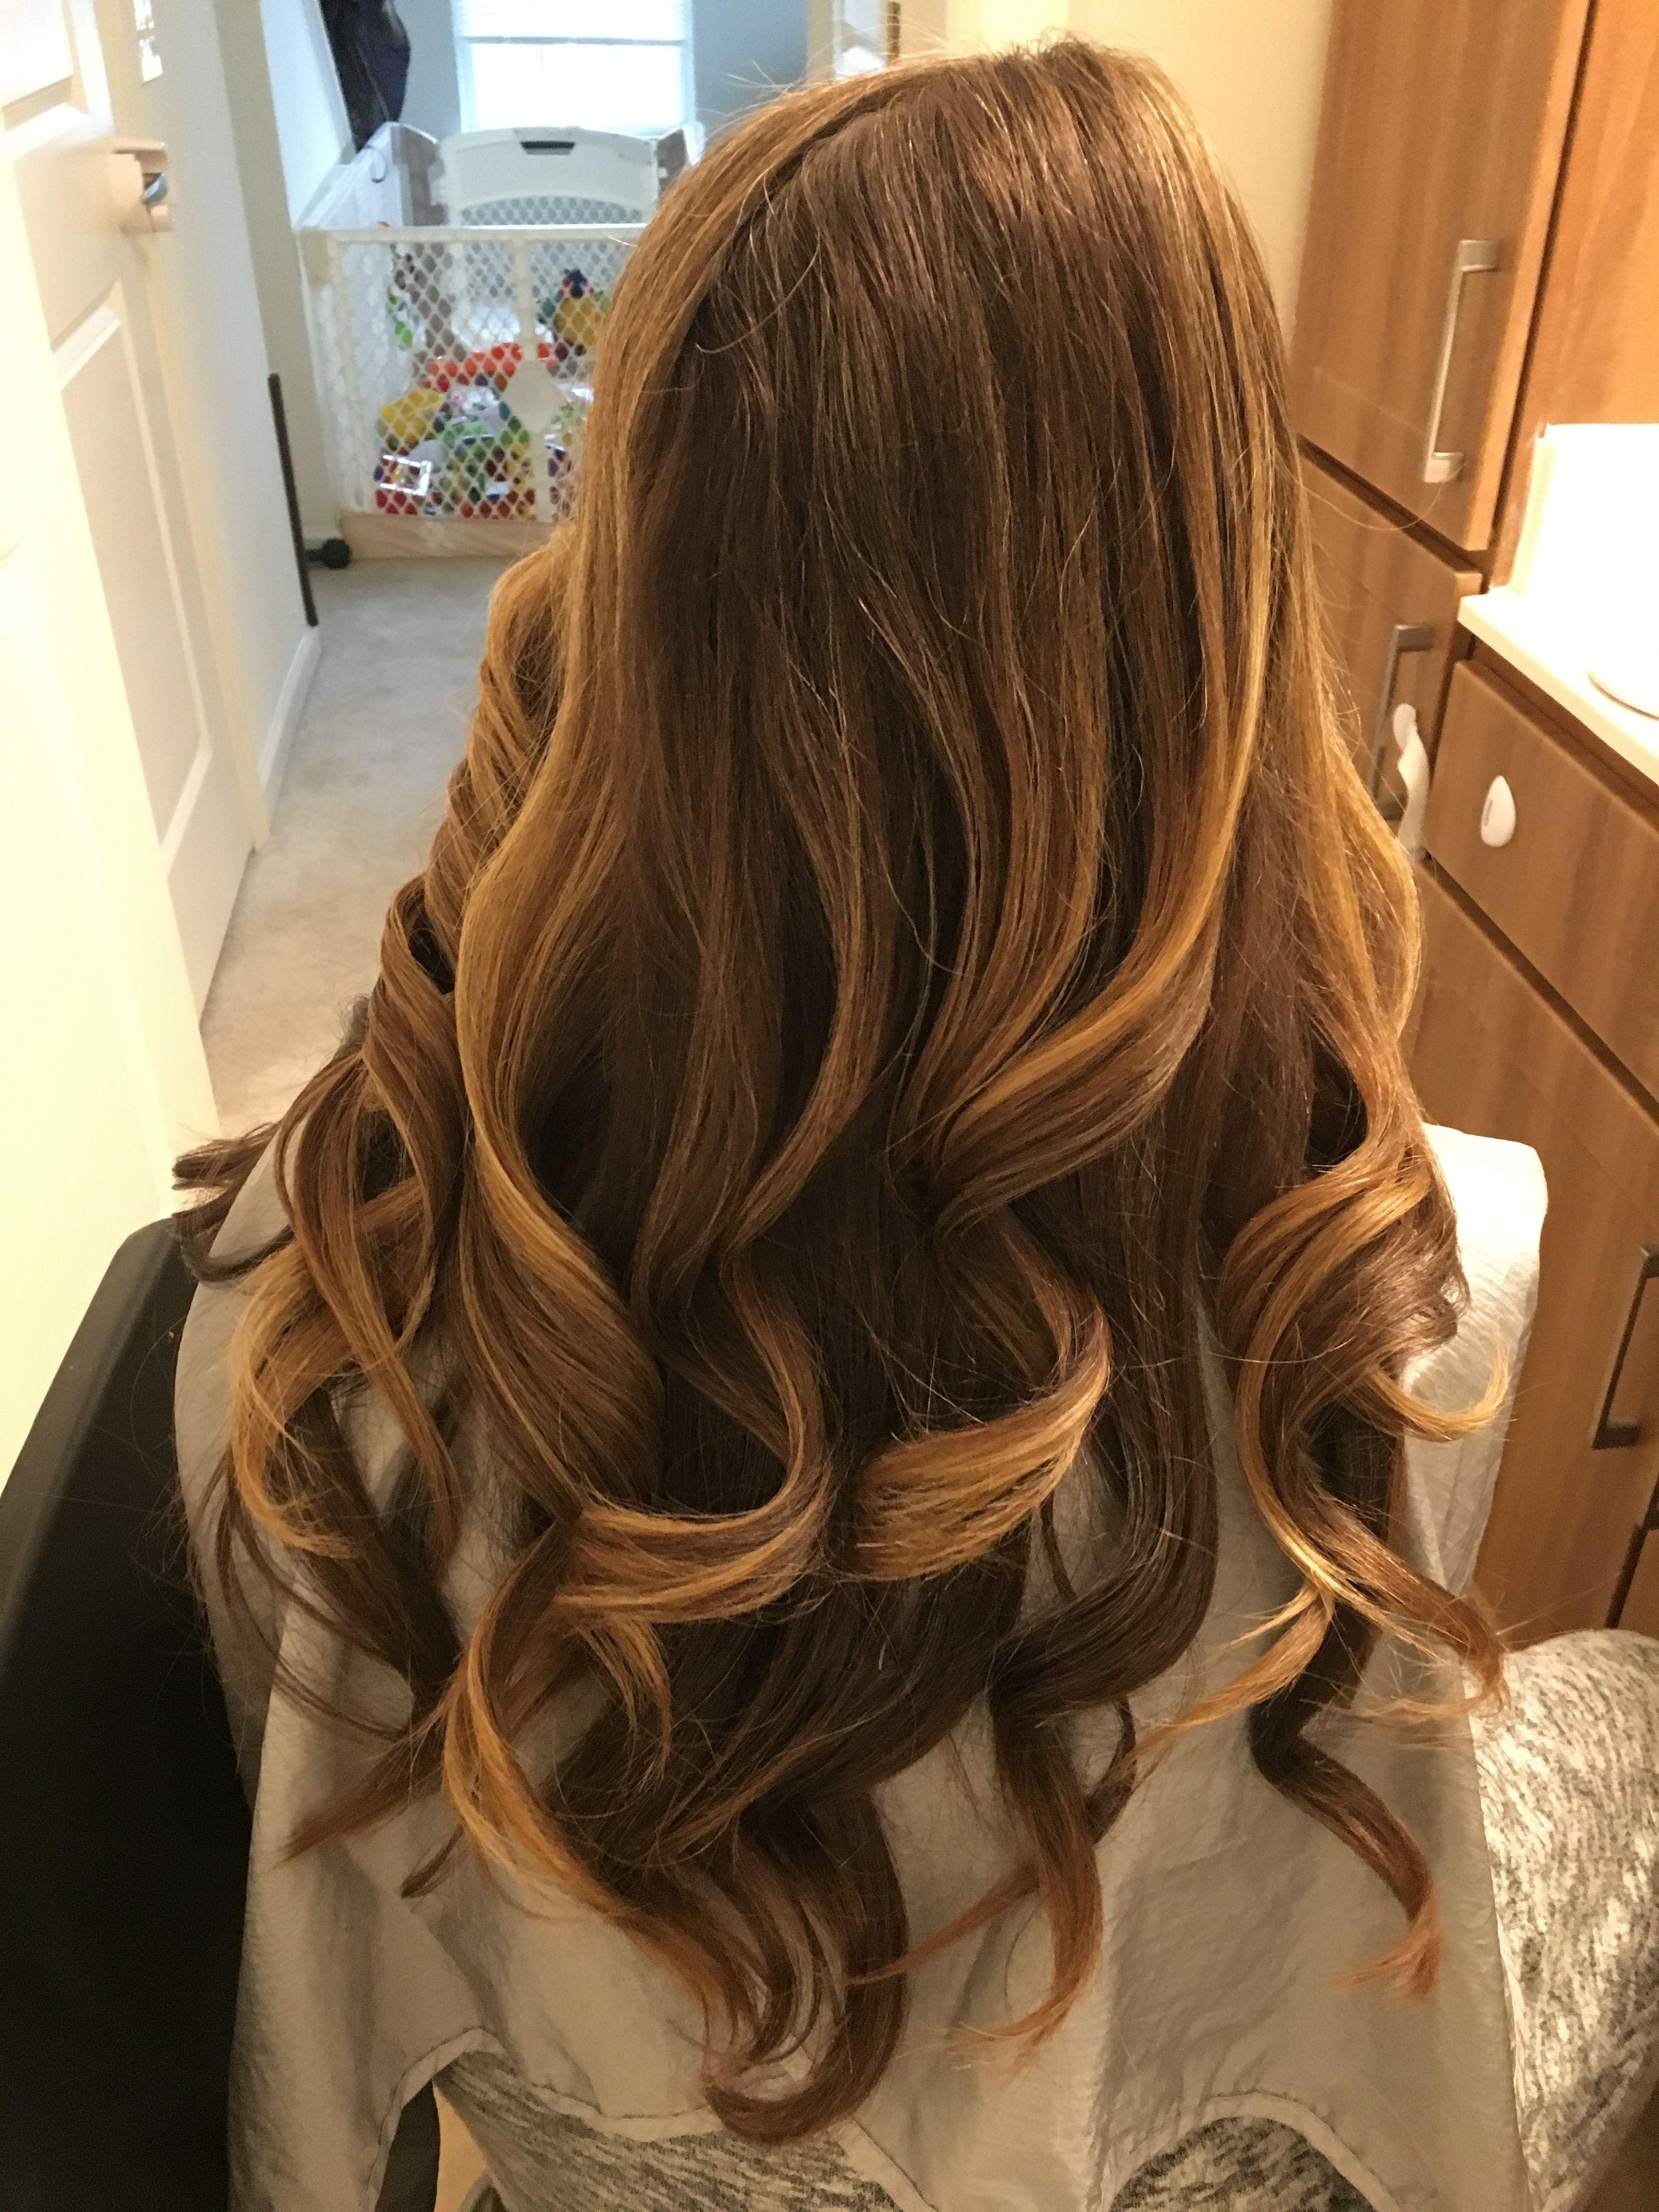 Loose Curls Long Hair Waves Wedding Hairstyles Loose Curls Hairstyles Curls For Long Hair Loose Hairstyles